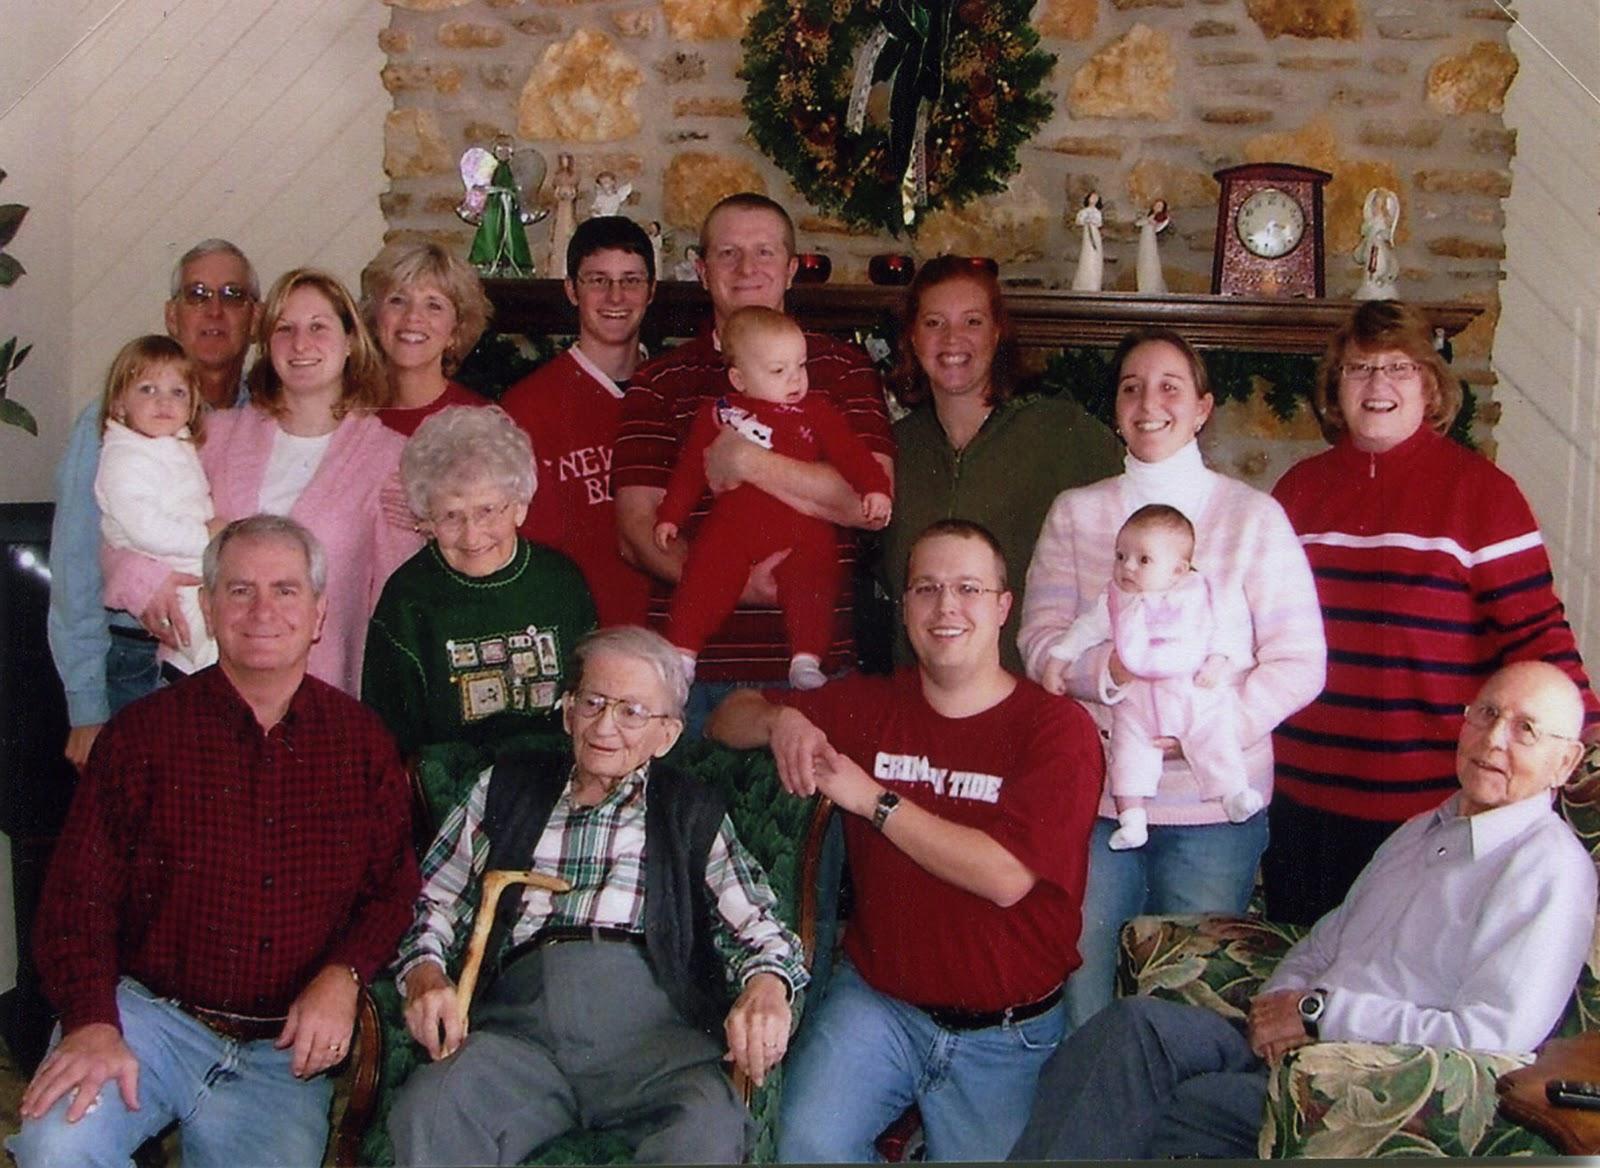 http://3.bp.blogspot.com/_s4JblTasoTY/TSjMhZUwPoI/AAAAAAAAApA/YZsRAtHaXcI/s1600/KearneyFamily2005.jpg